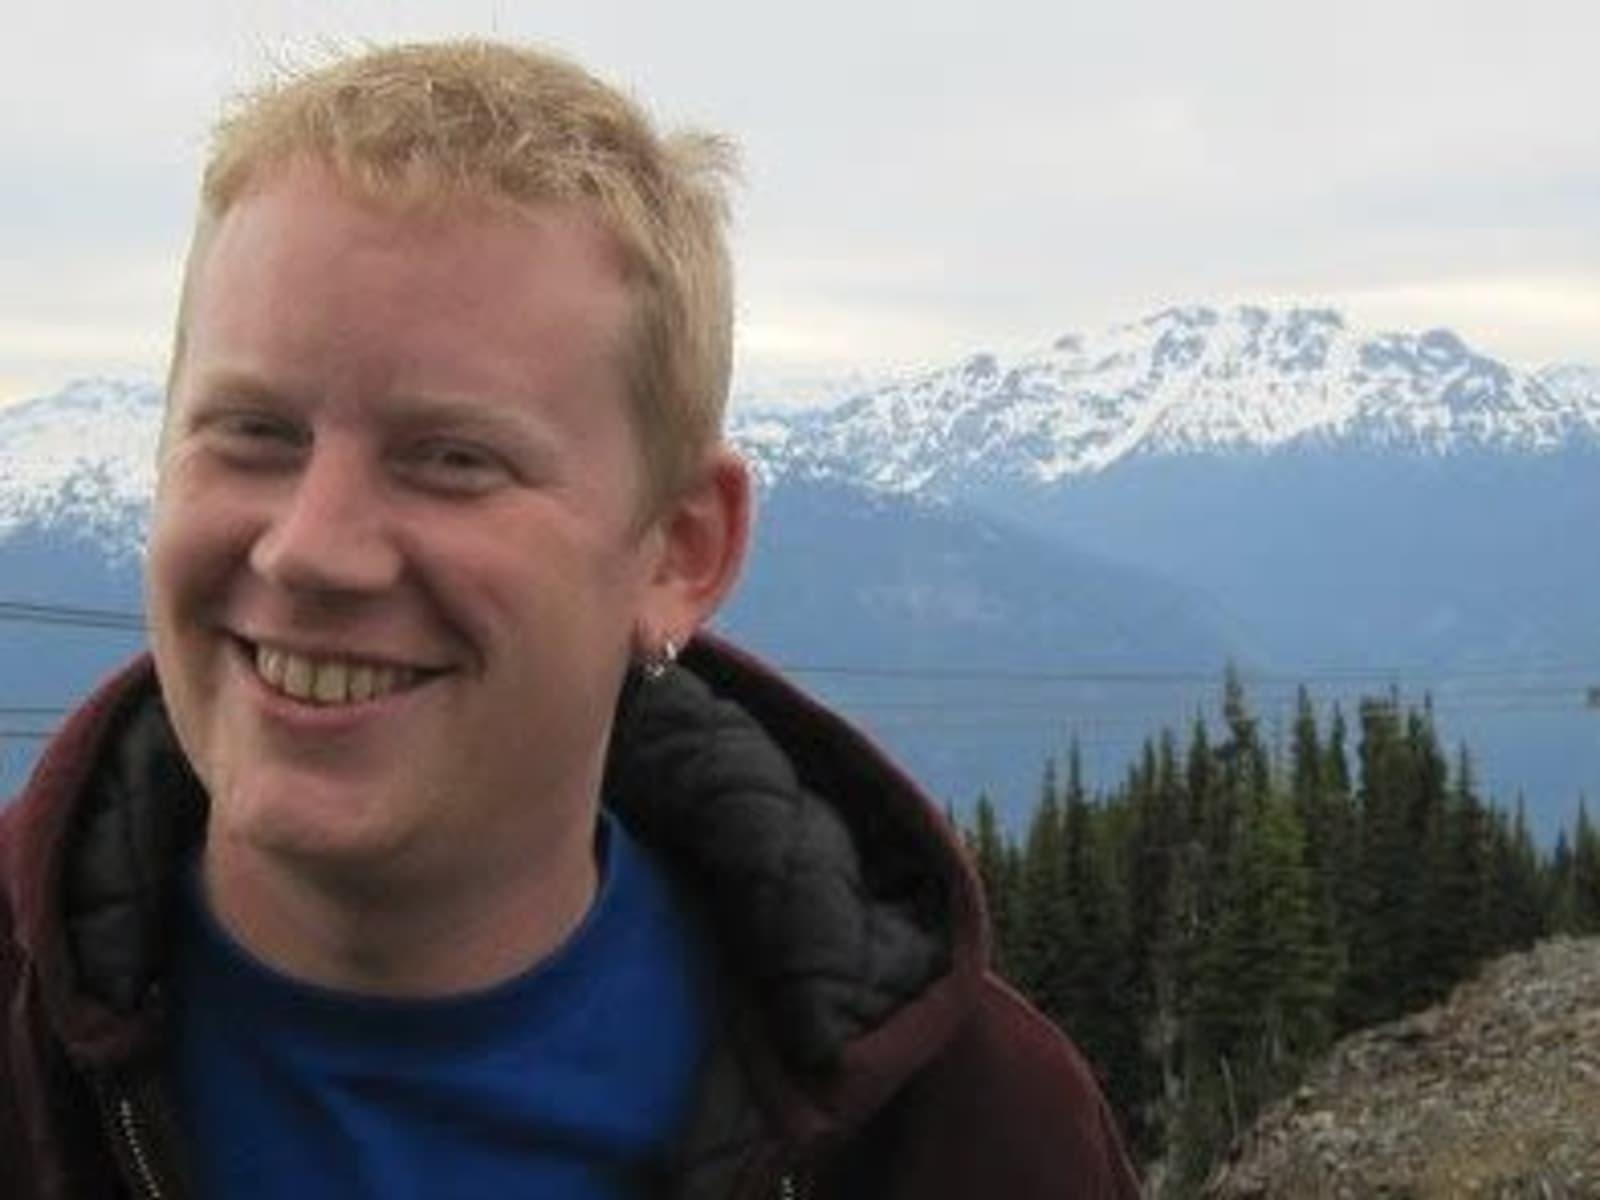 Nathaniel from Seattle, Washington, United States